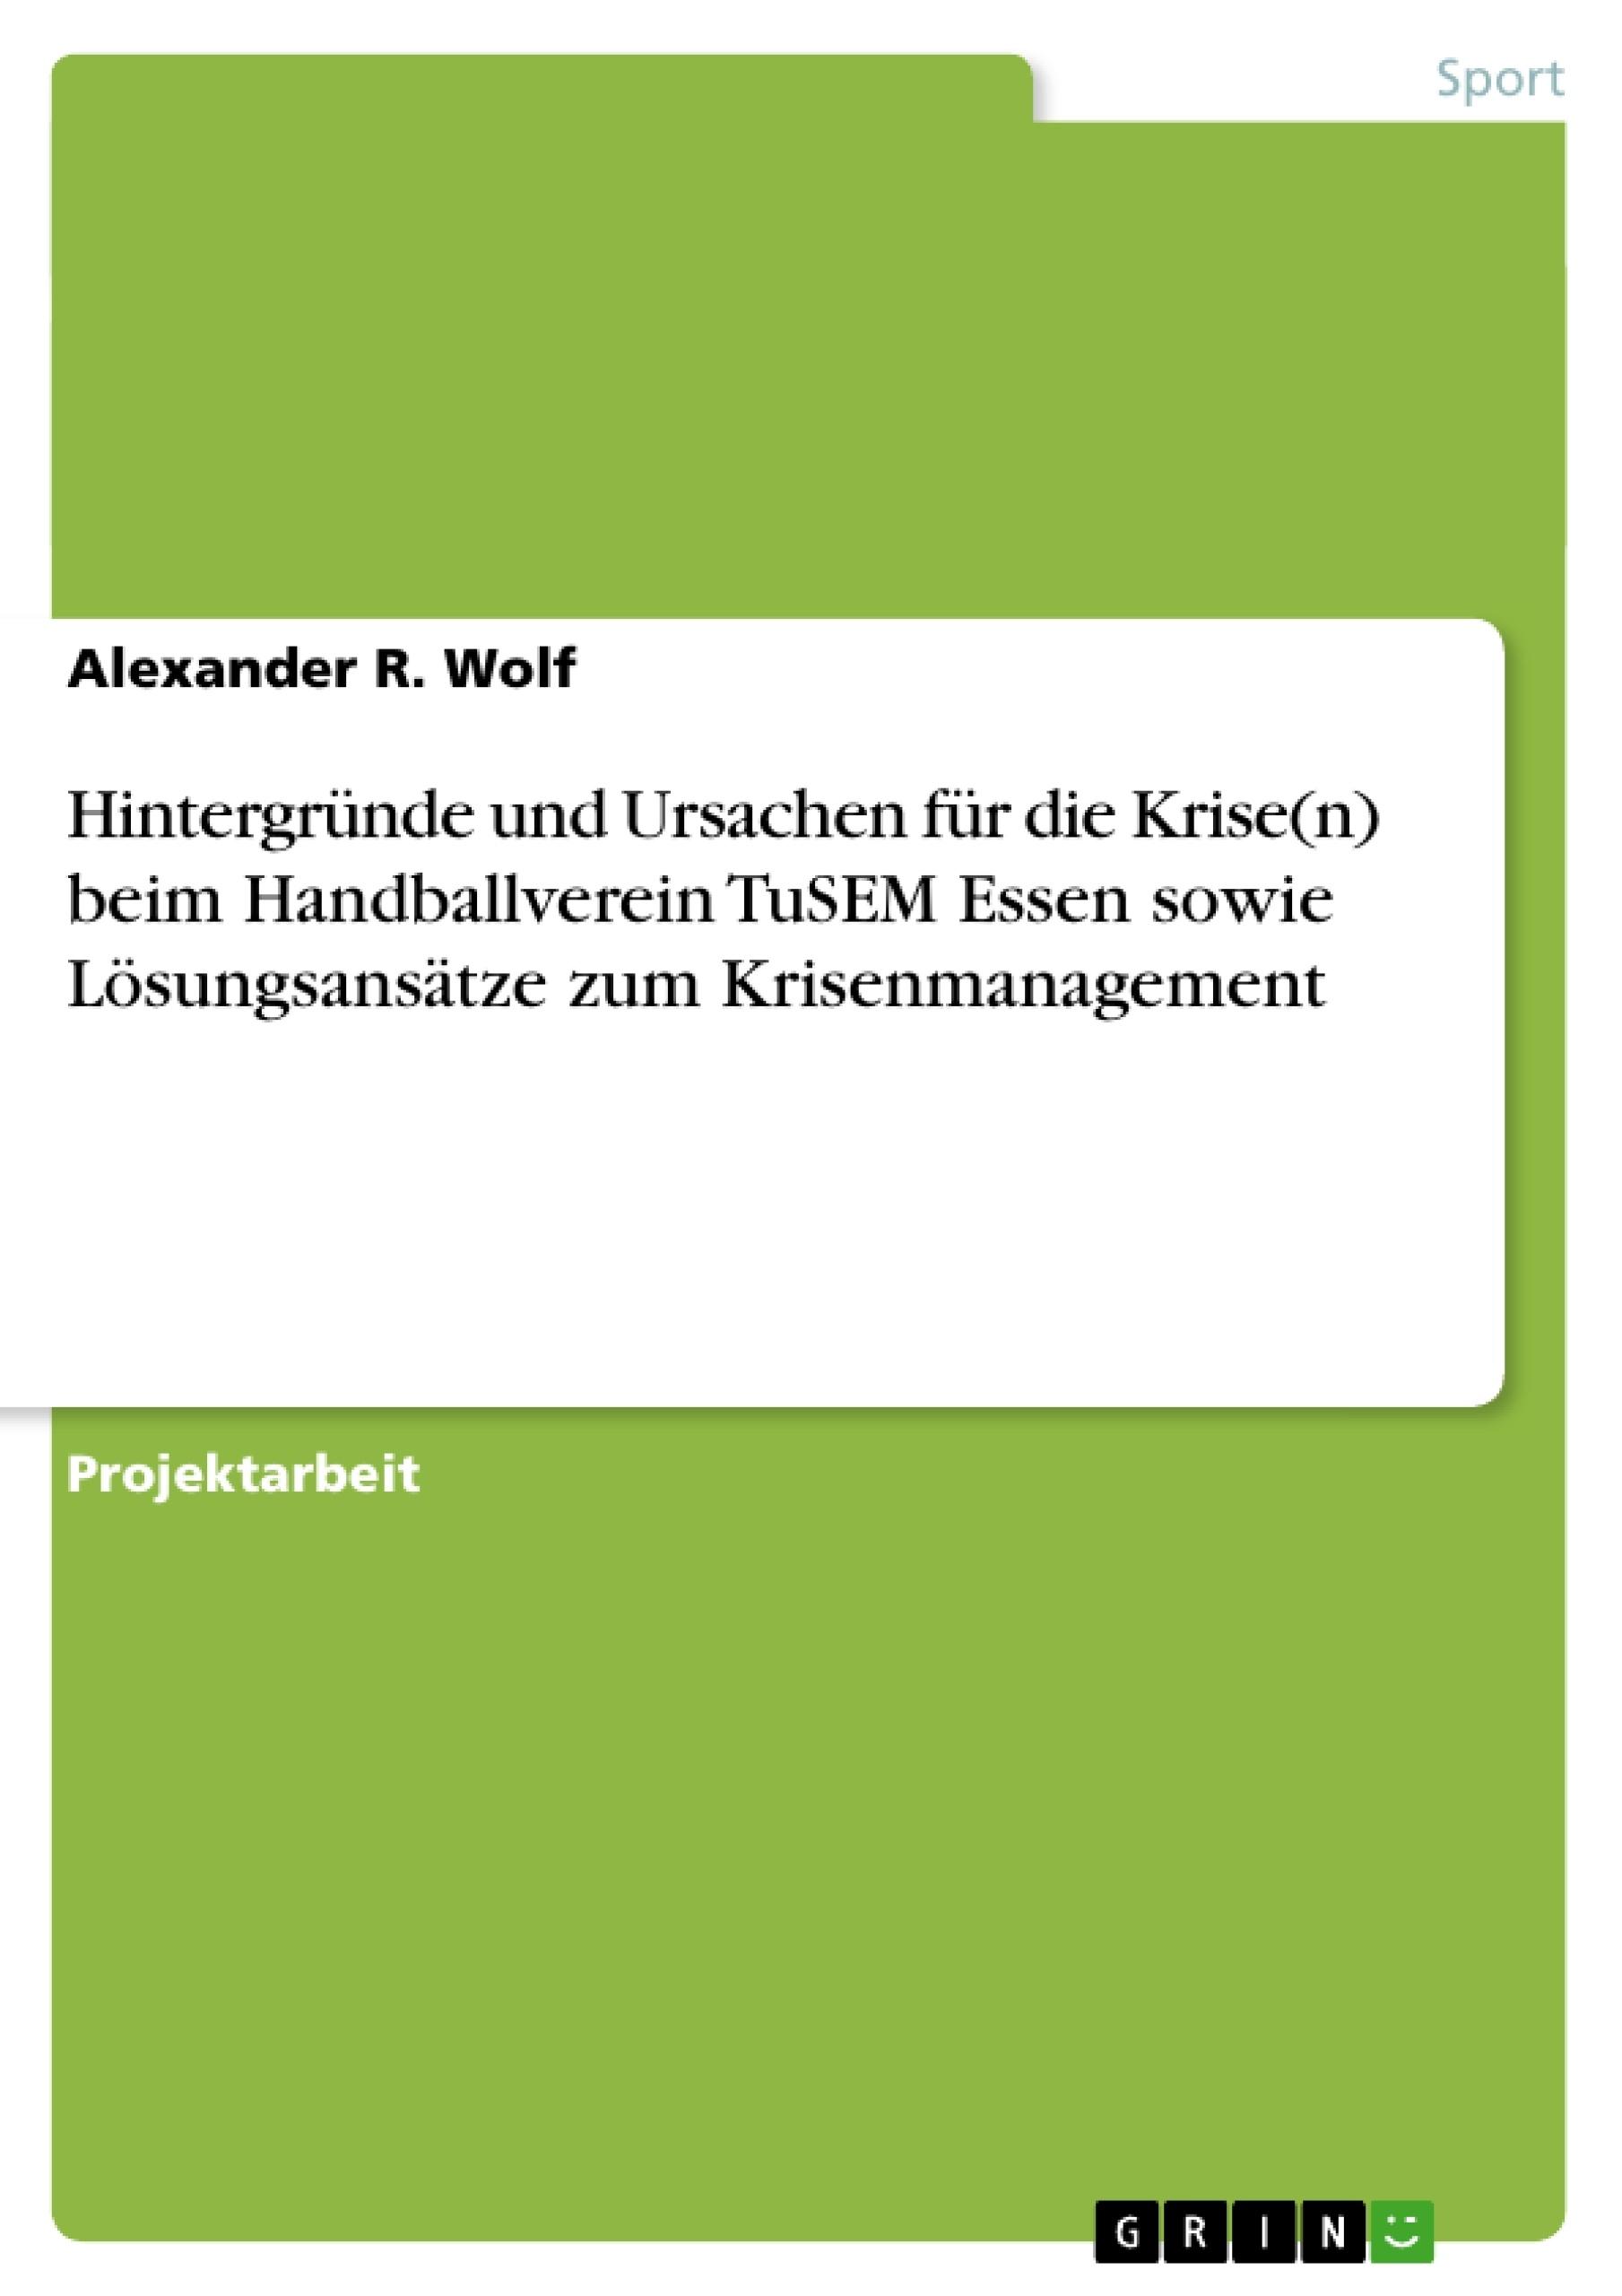 Titel: Hintergründe und Ursachen für die Krise(n) beim Handballverein TuSEM Essen sowie Lösungsansätze zum Krisenmanagement